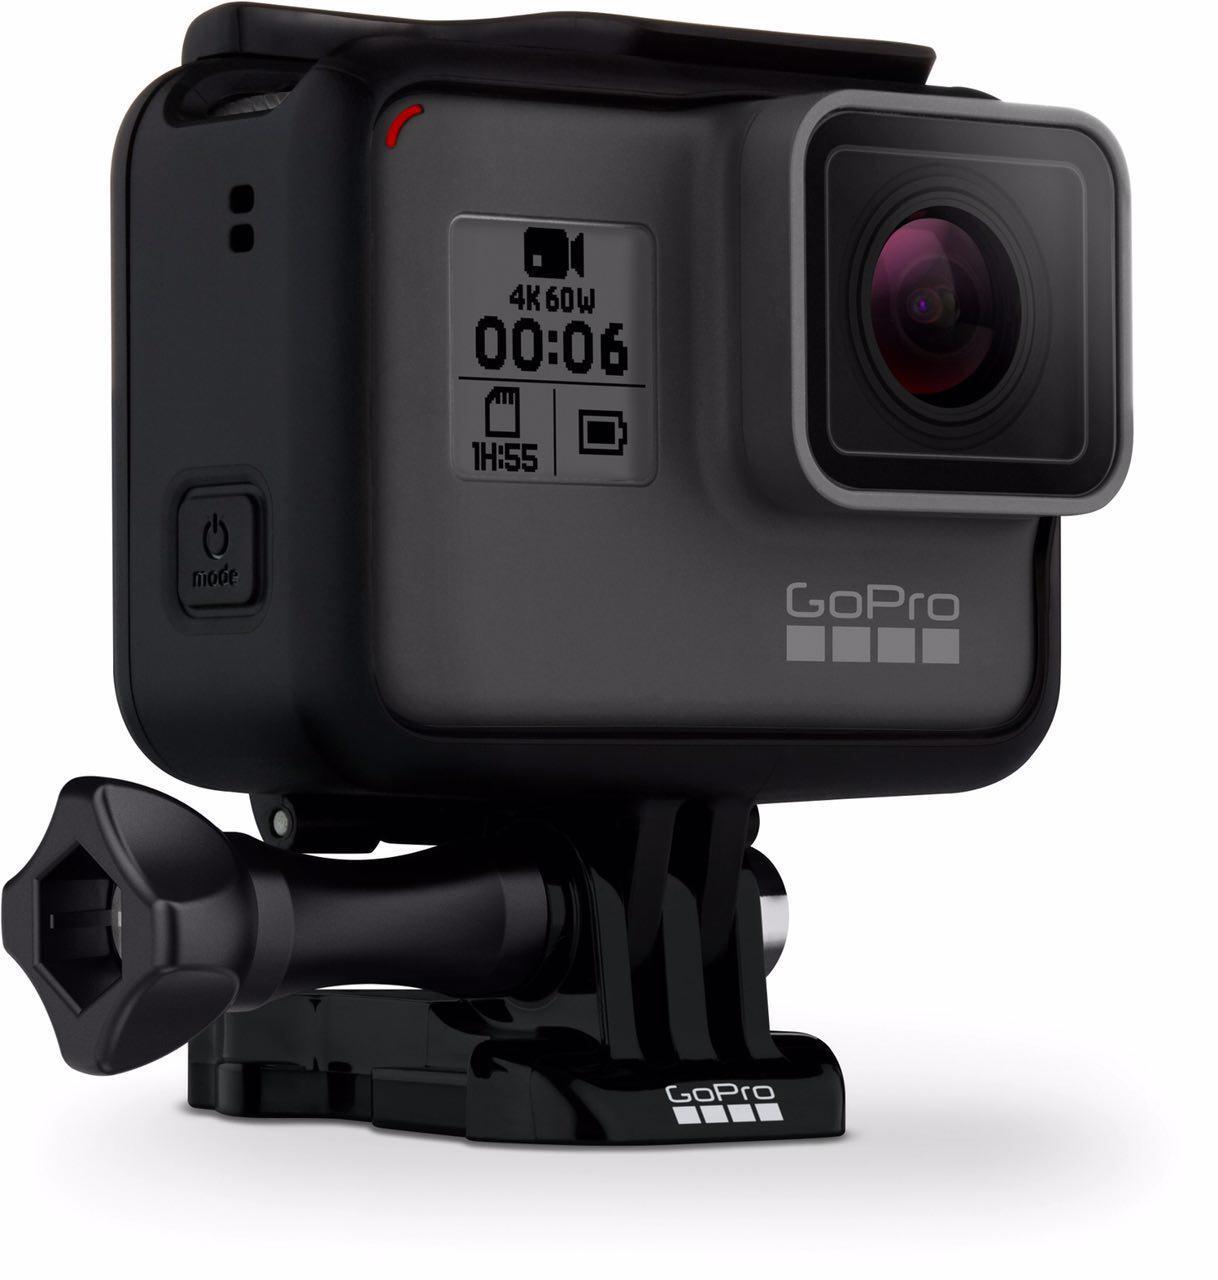 دوربین گوپرو hero6